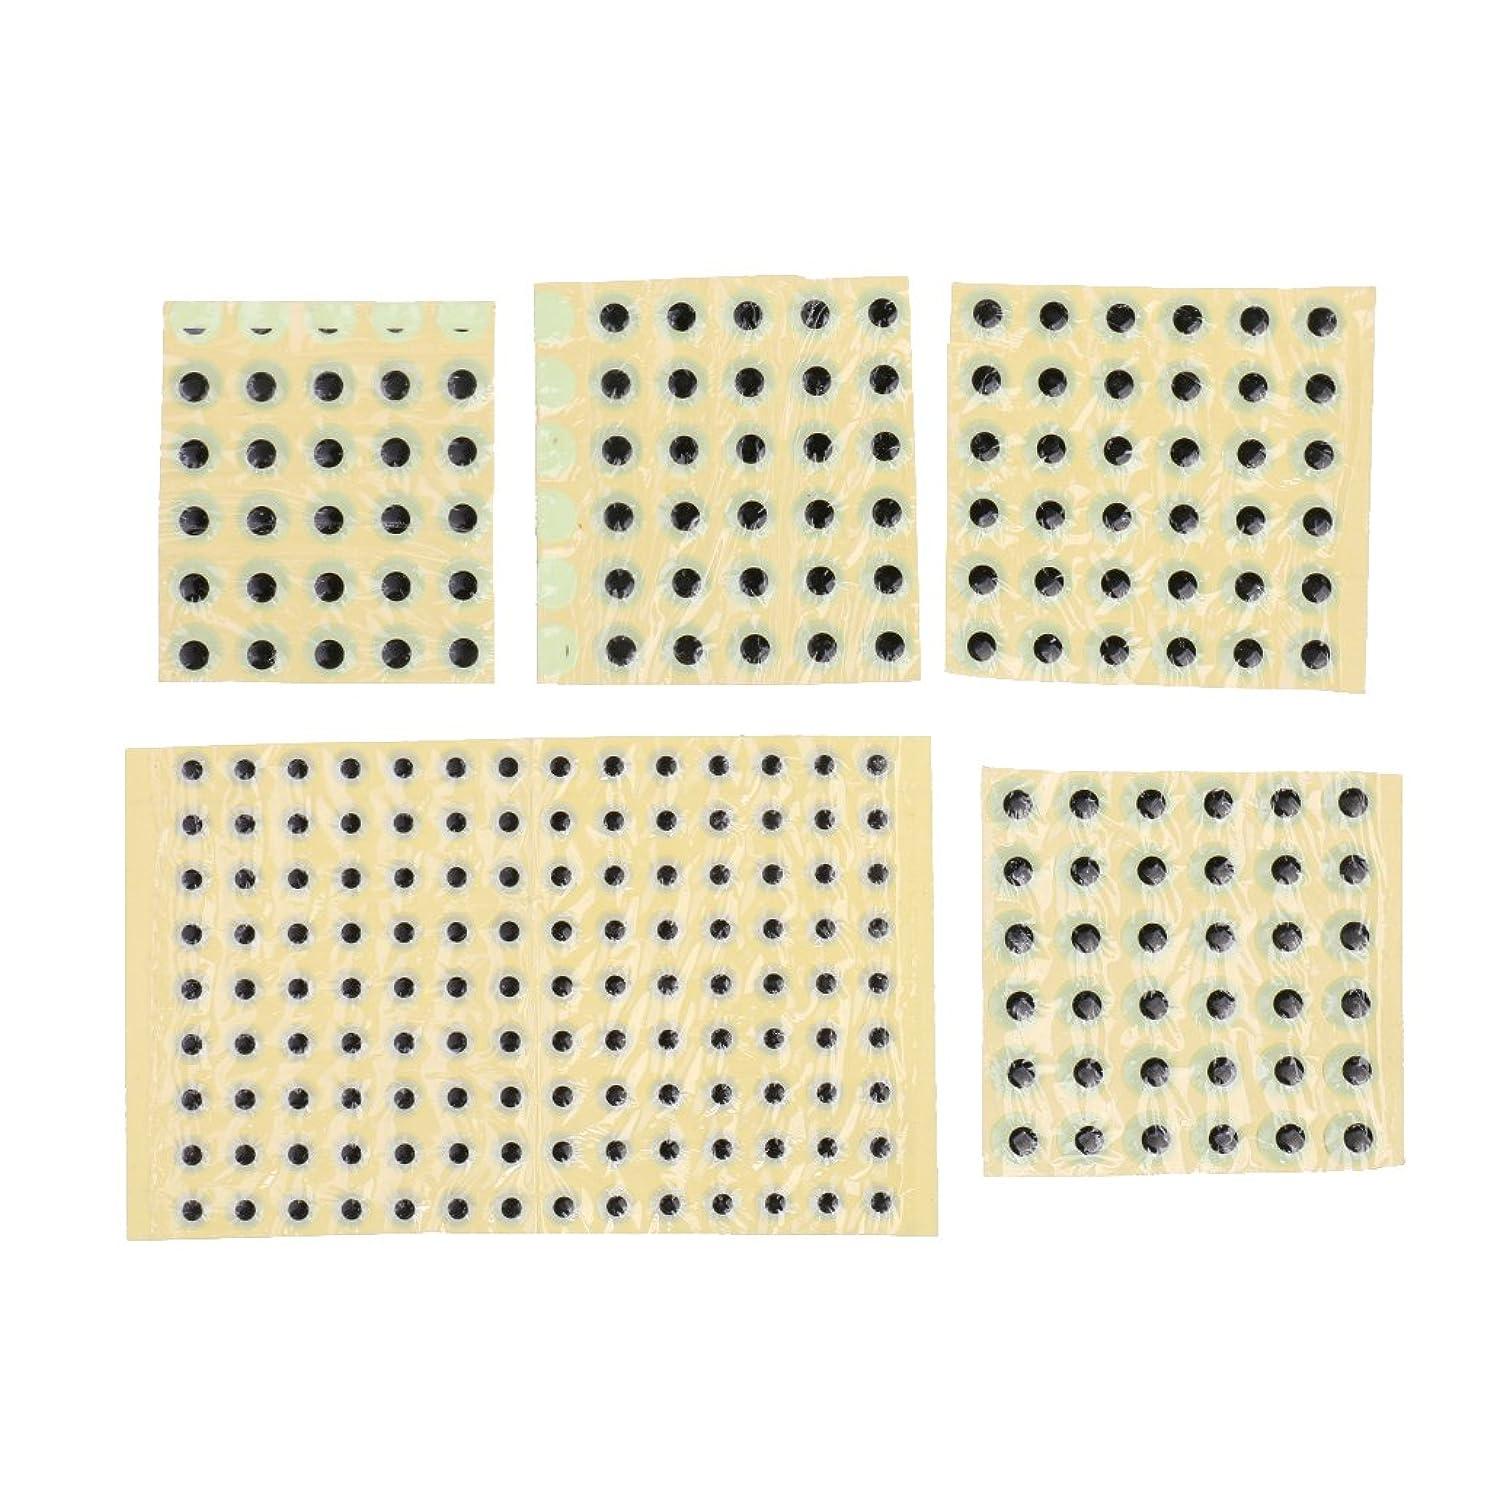 知性ディスク発掘するSharplace 3D ホログラフィック 5mm 7mm 釣り ルアー 目 フライ 約250個